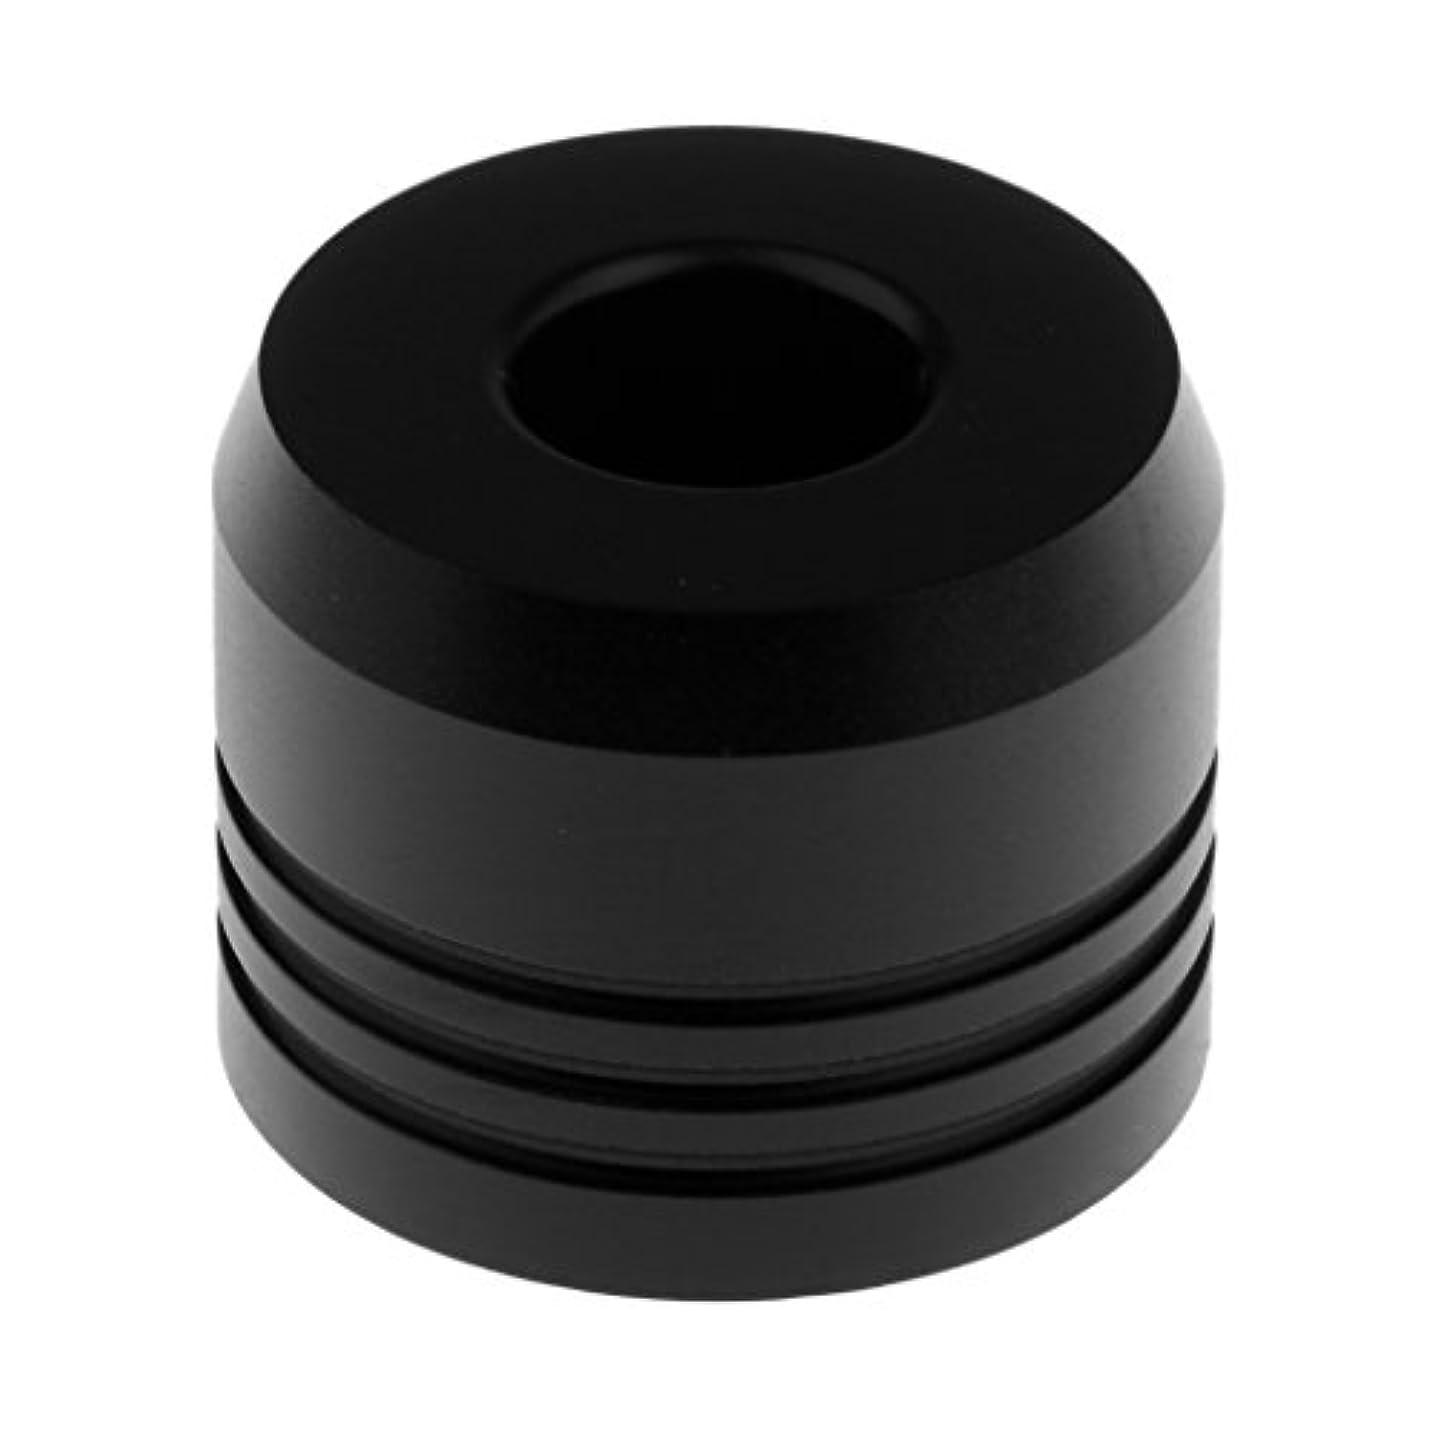 前者定期的小康Perfk カミソリスタンド スタンド メンズ シェービング カミソリホルダー サポート 調節可 ベース 2色選べ   - ブラック